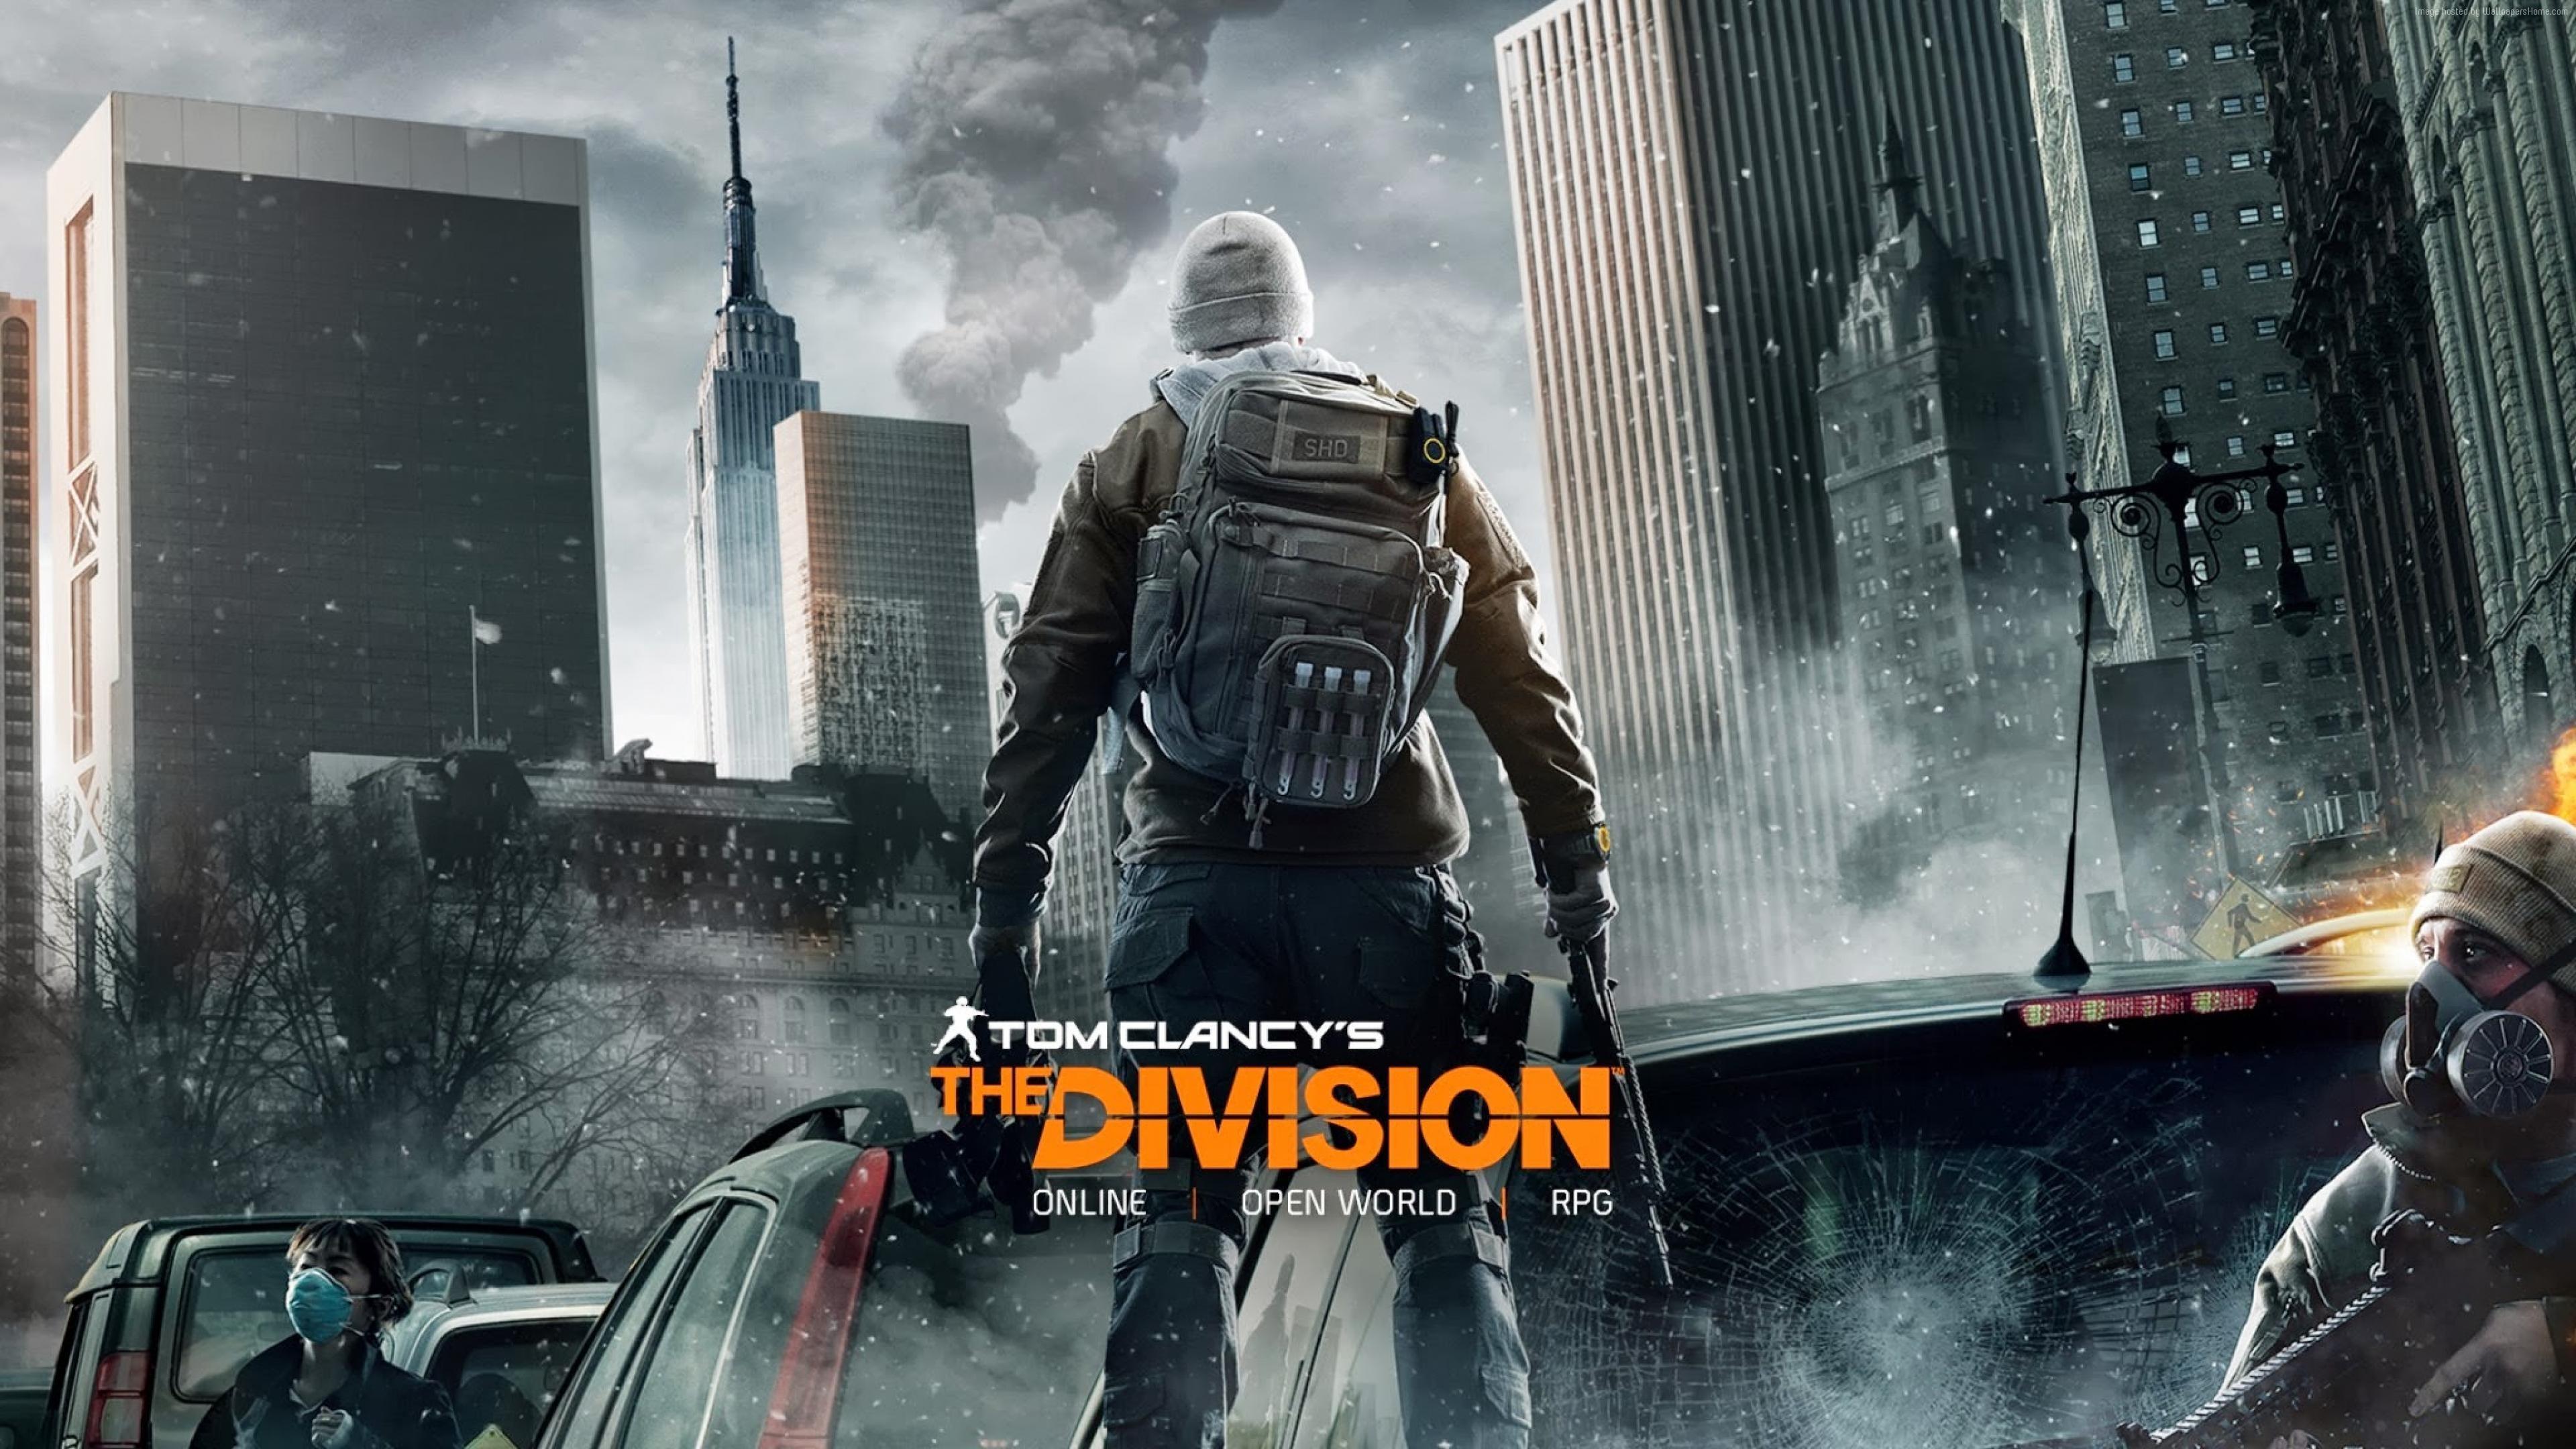 The Division: Spielwelt ist größer als gedacht, hält mit Fallout 4 mit